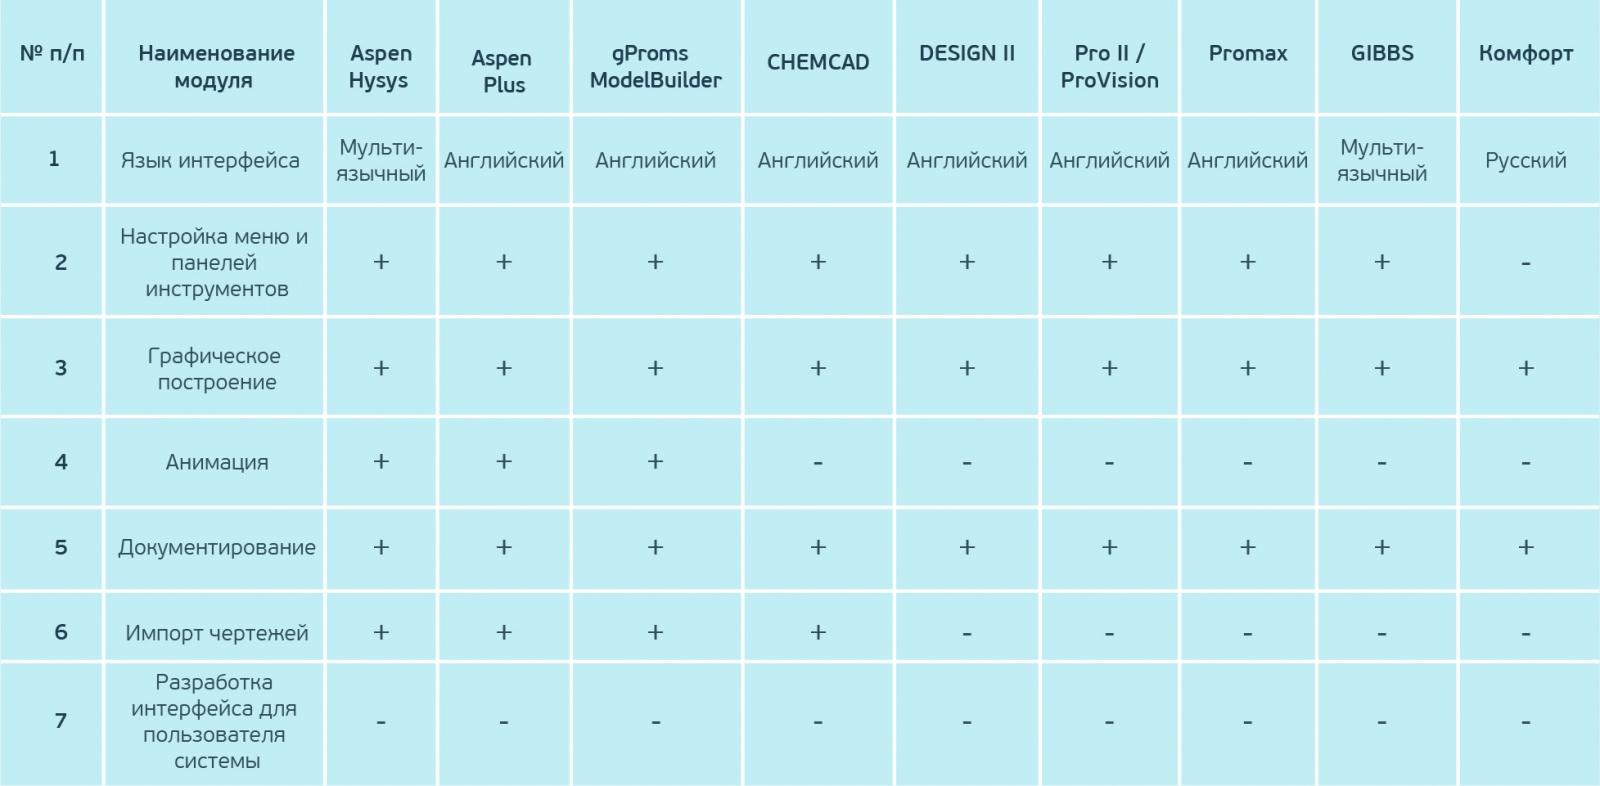 Системы имитационного моделирования: выбираем подходящую - 7